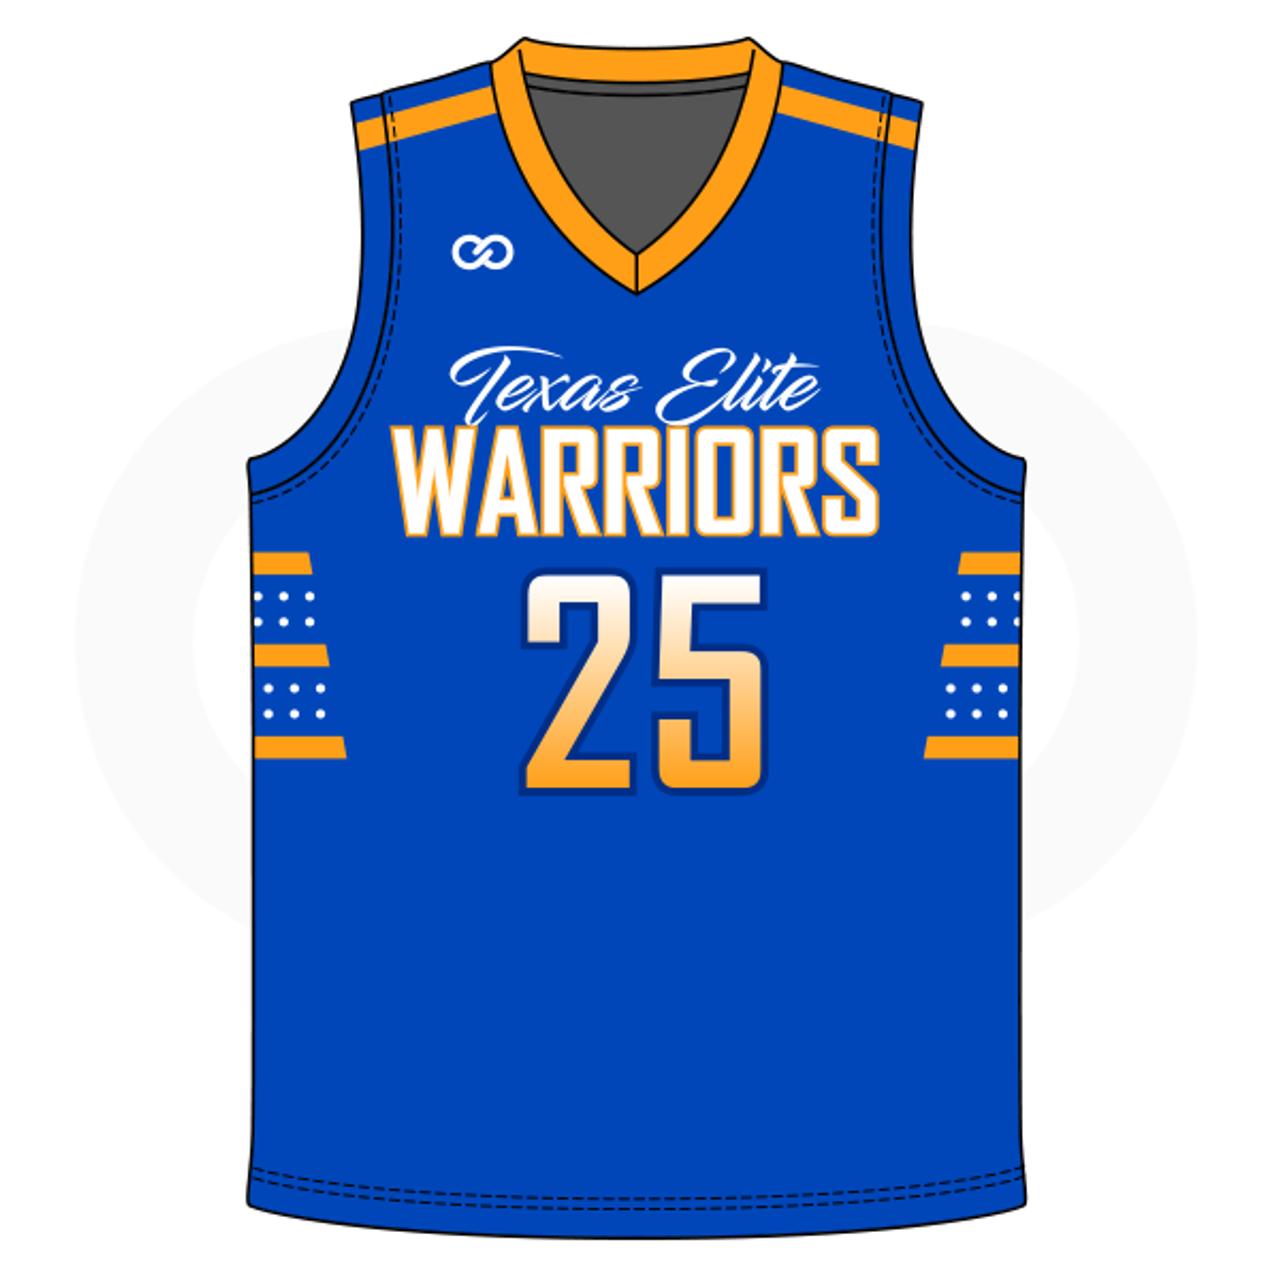 online retailer 0b959 10cfc Texas Elite Warriors Basketball Jersey - Blue